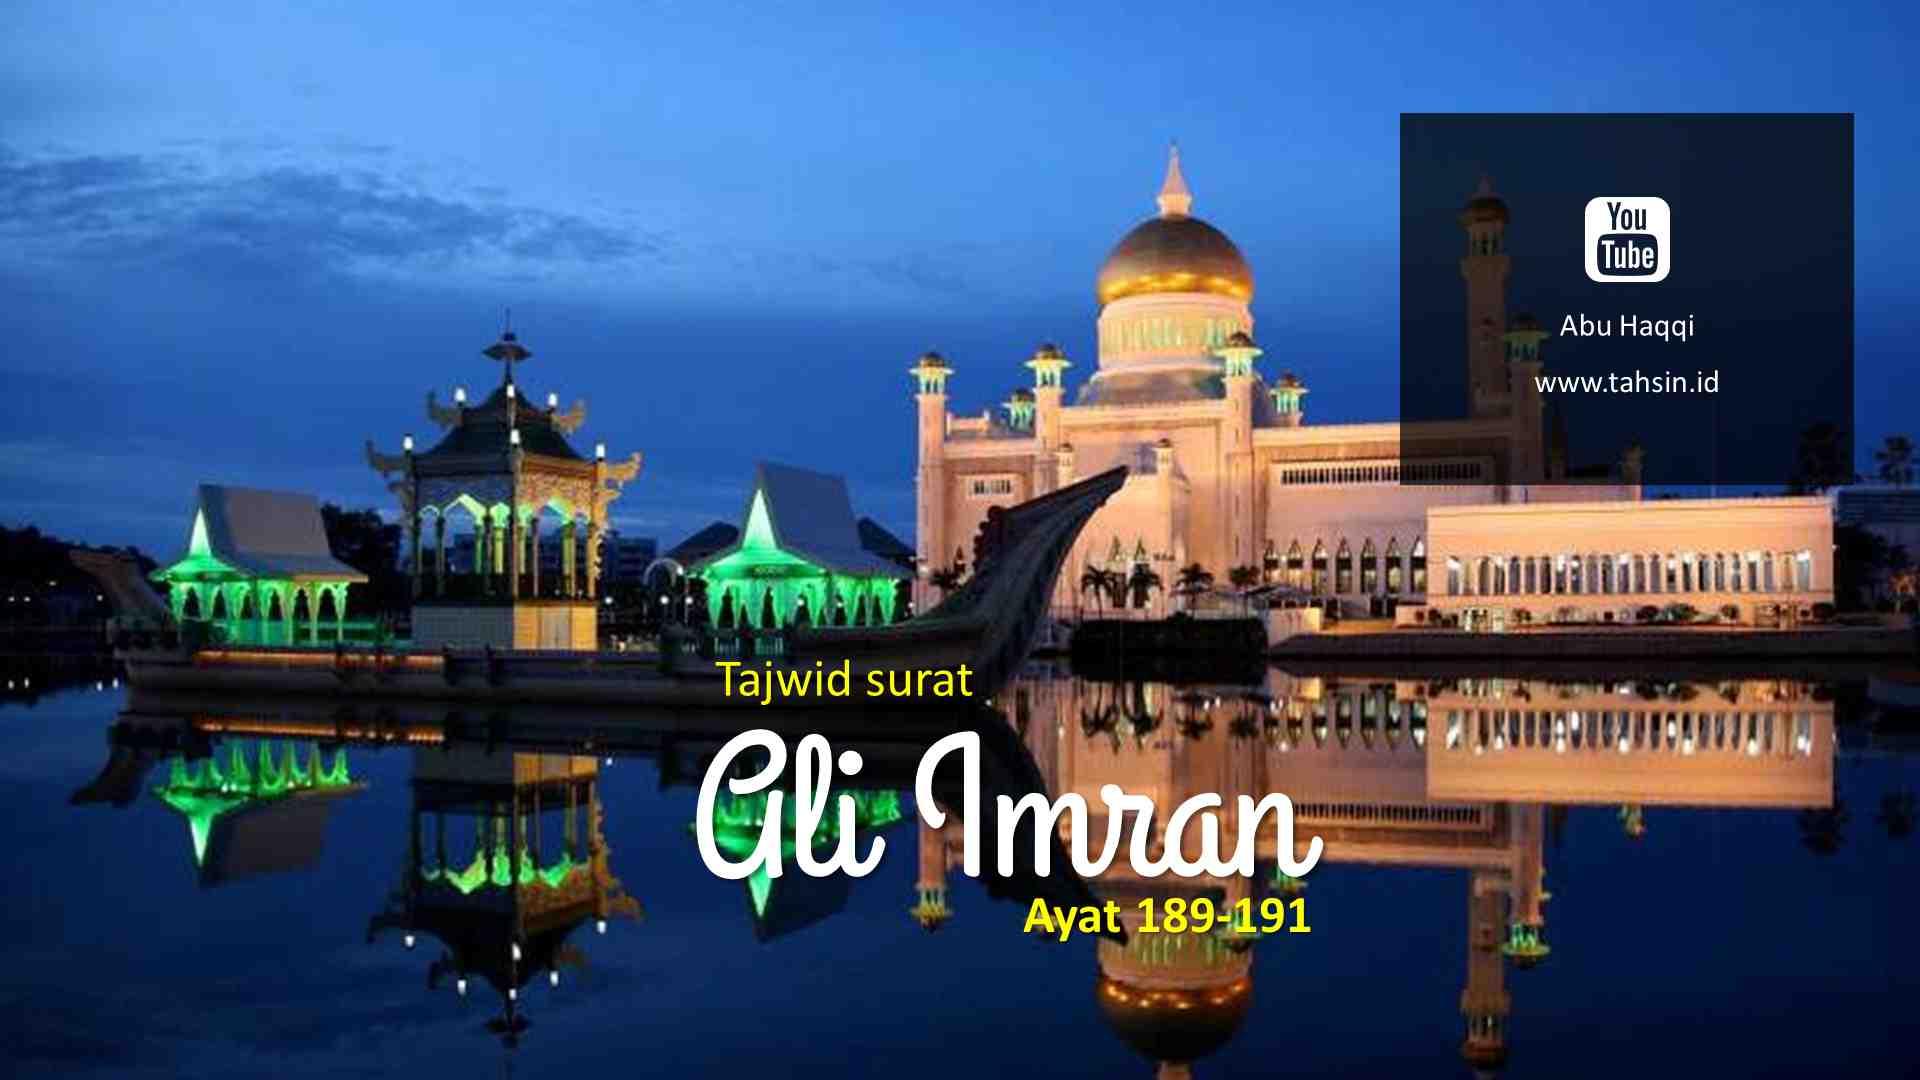 Tajwid surat Ali Imran ayat 189-191